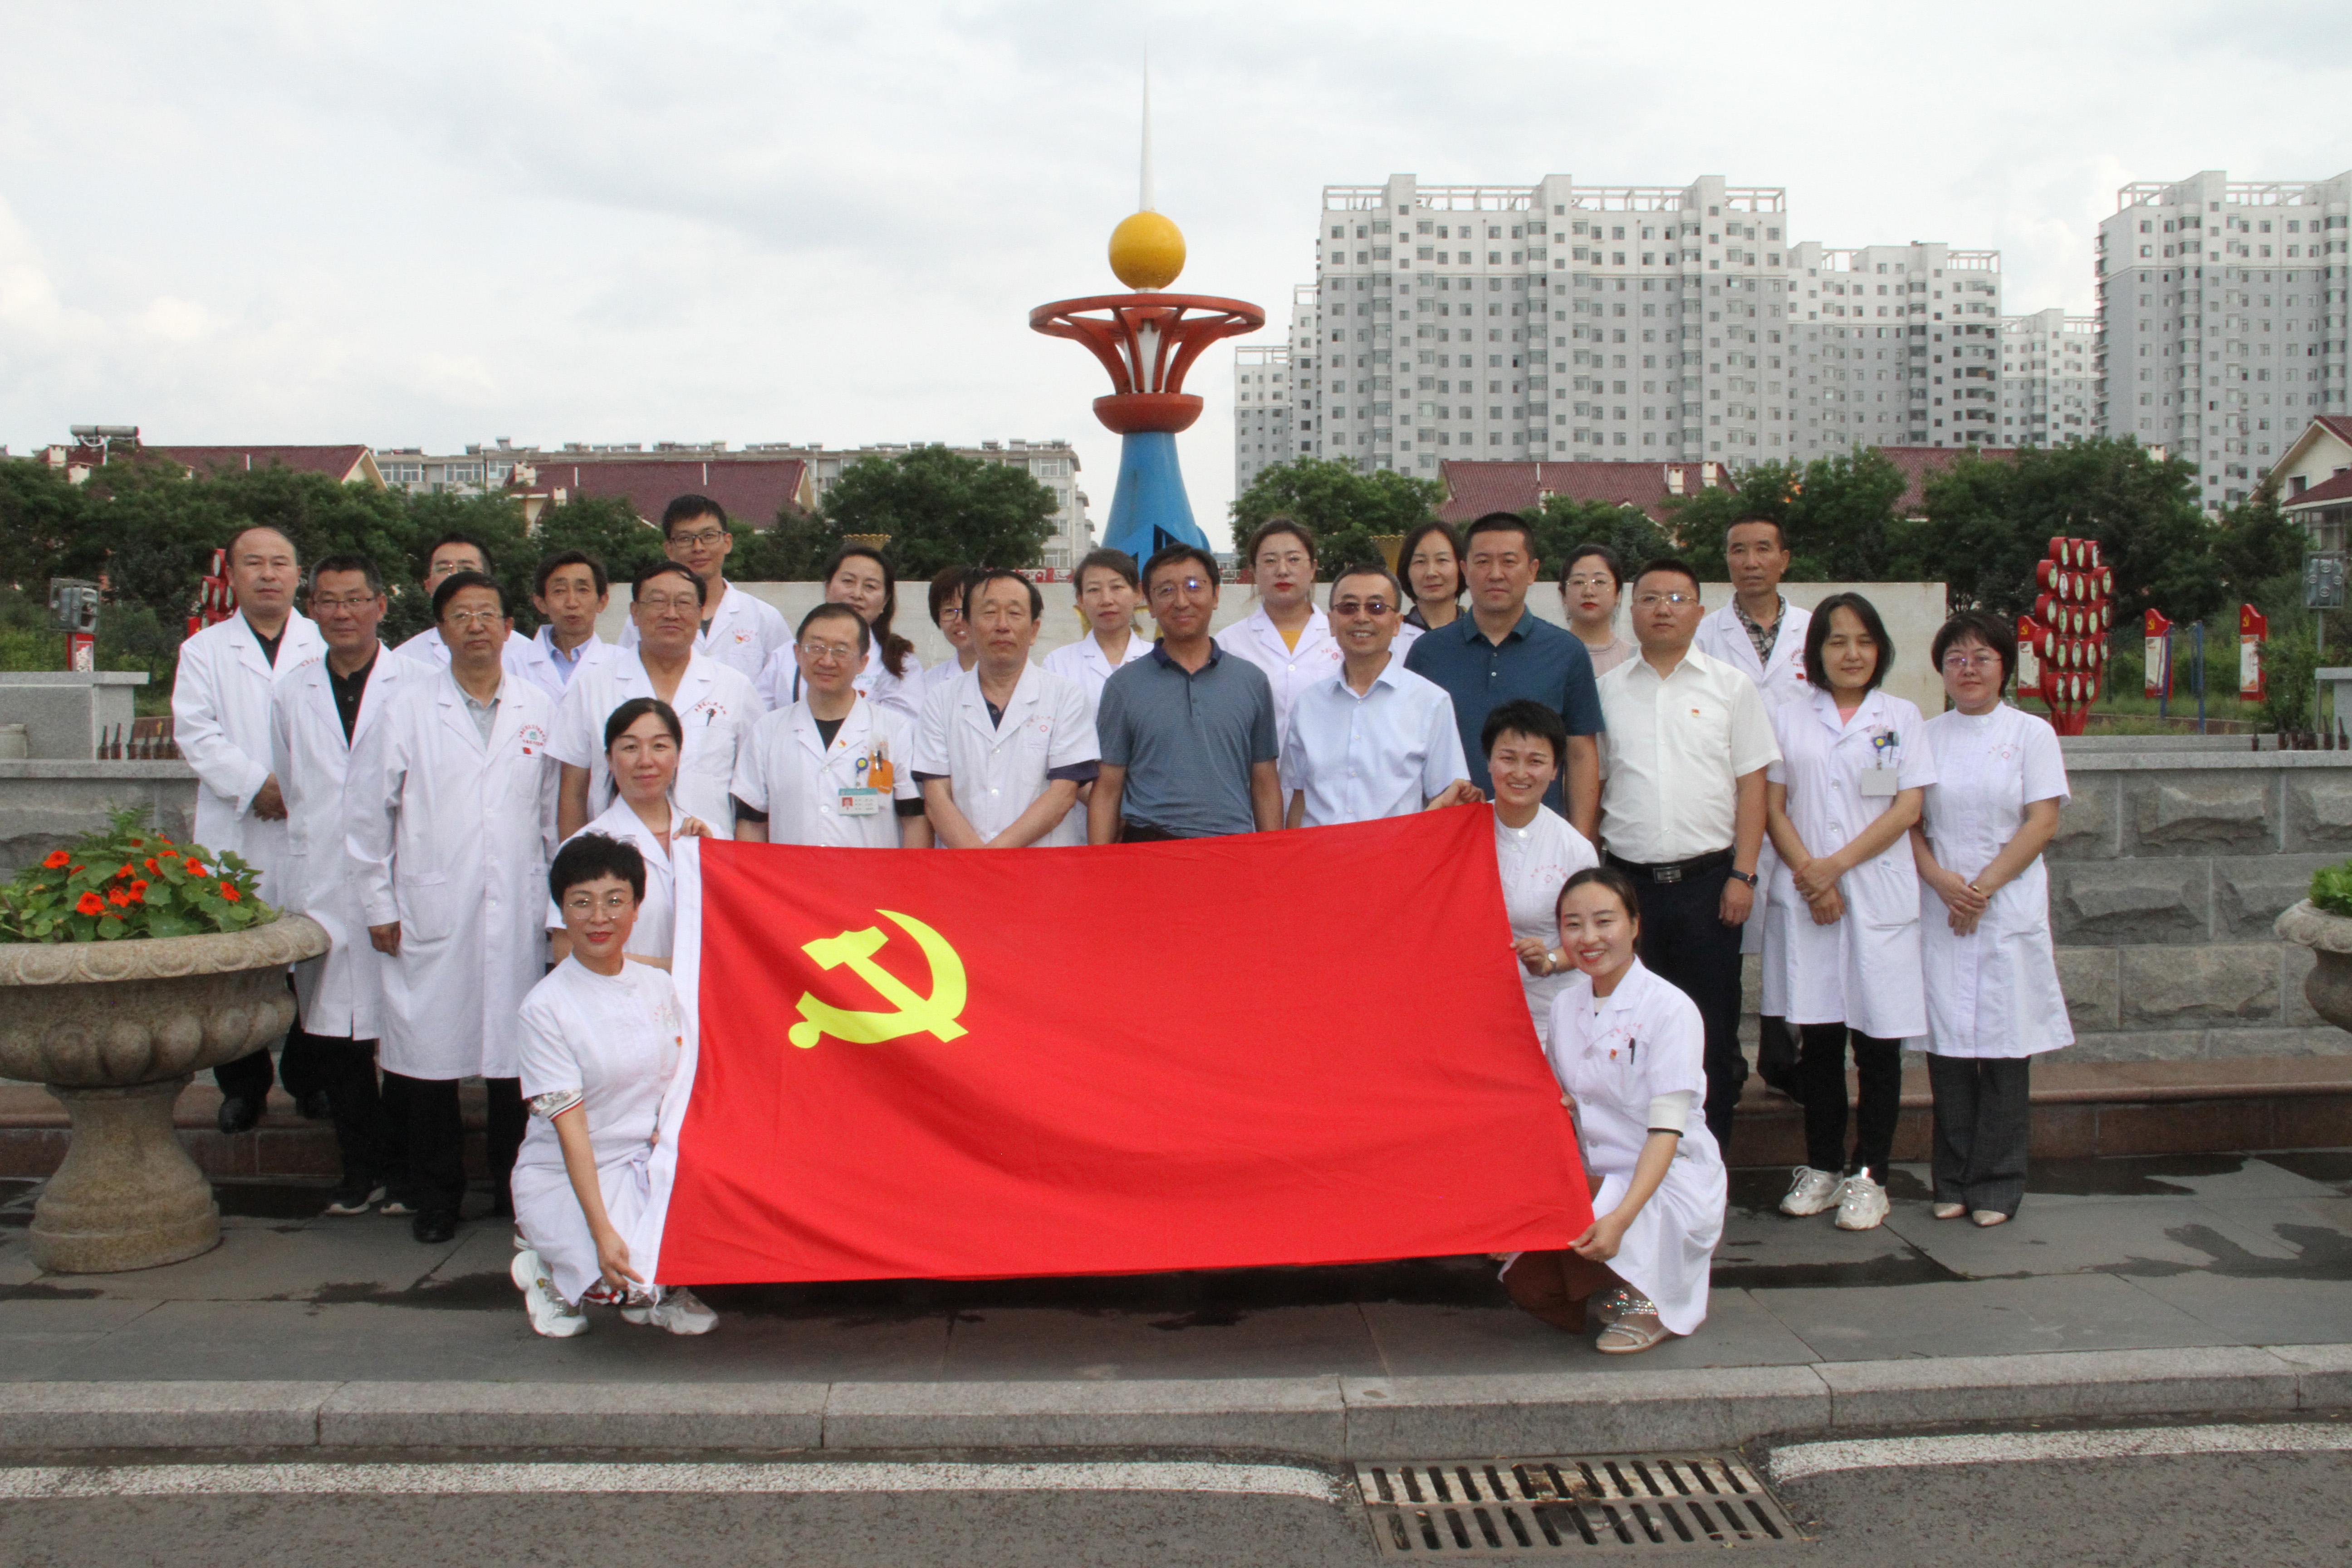 平鲁区医疗集团、榆岭乡党政班子在欧宝娱乐代理申请村史馆开展主题党日活动